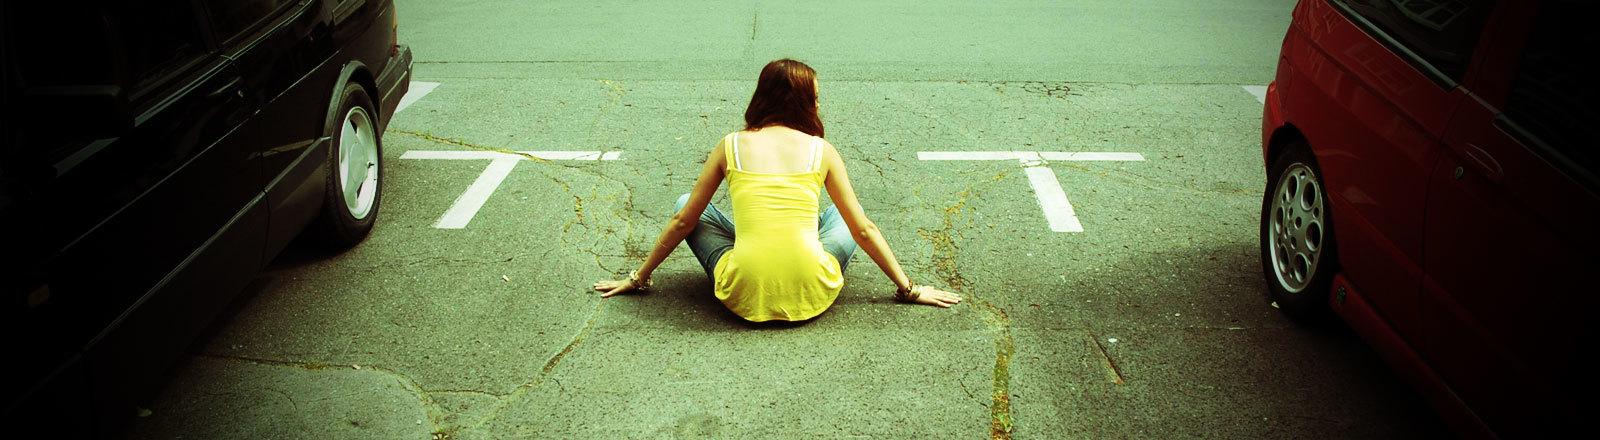 Frau sitzt auf freiem Parkplatz.